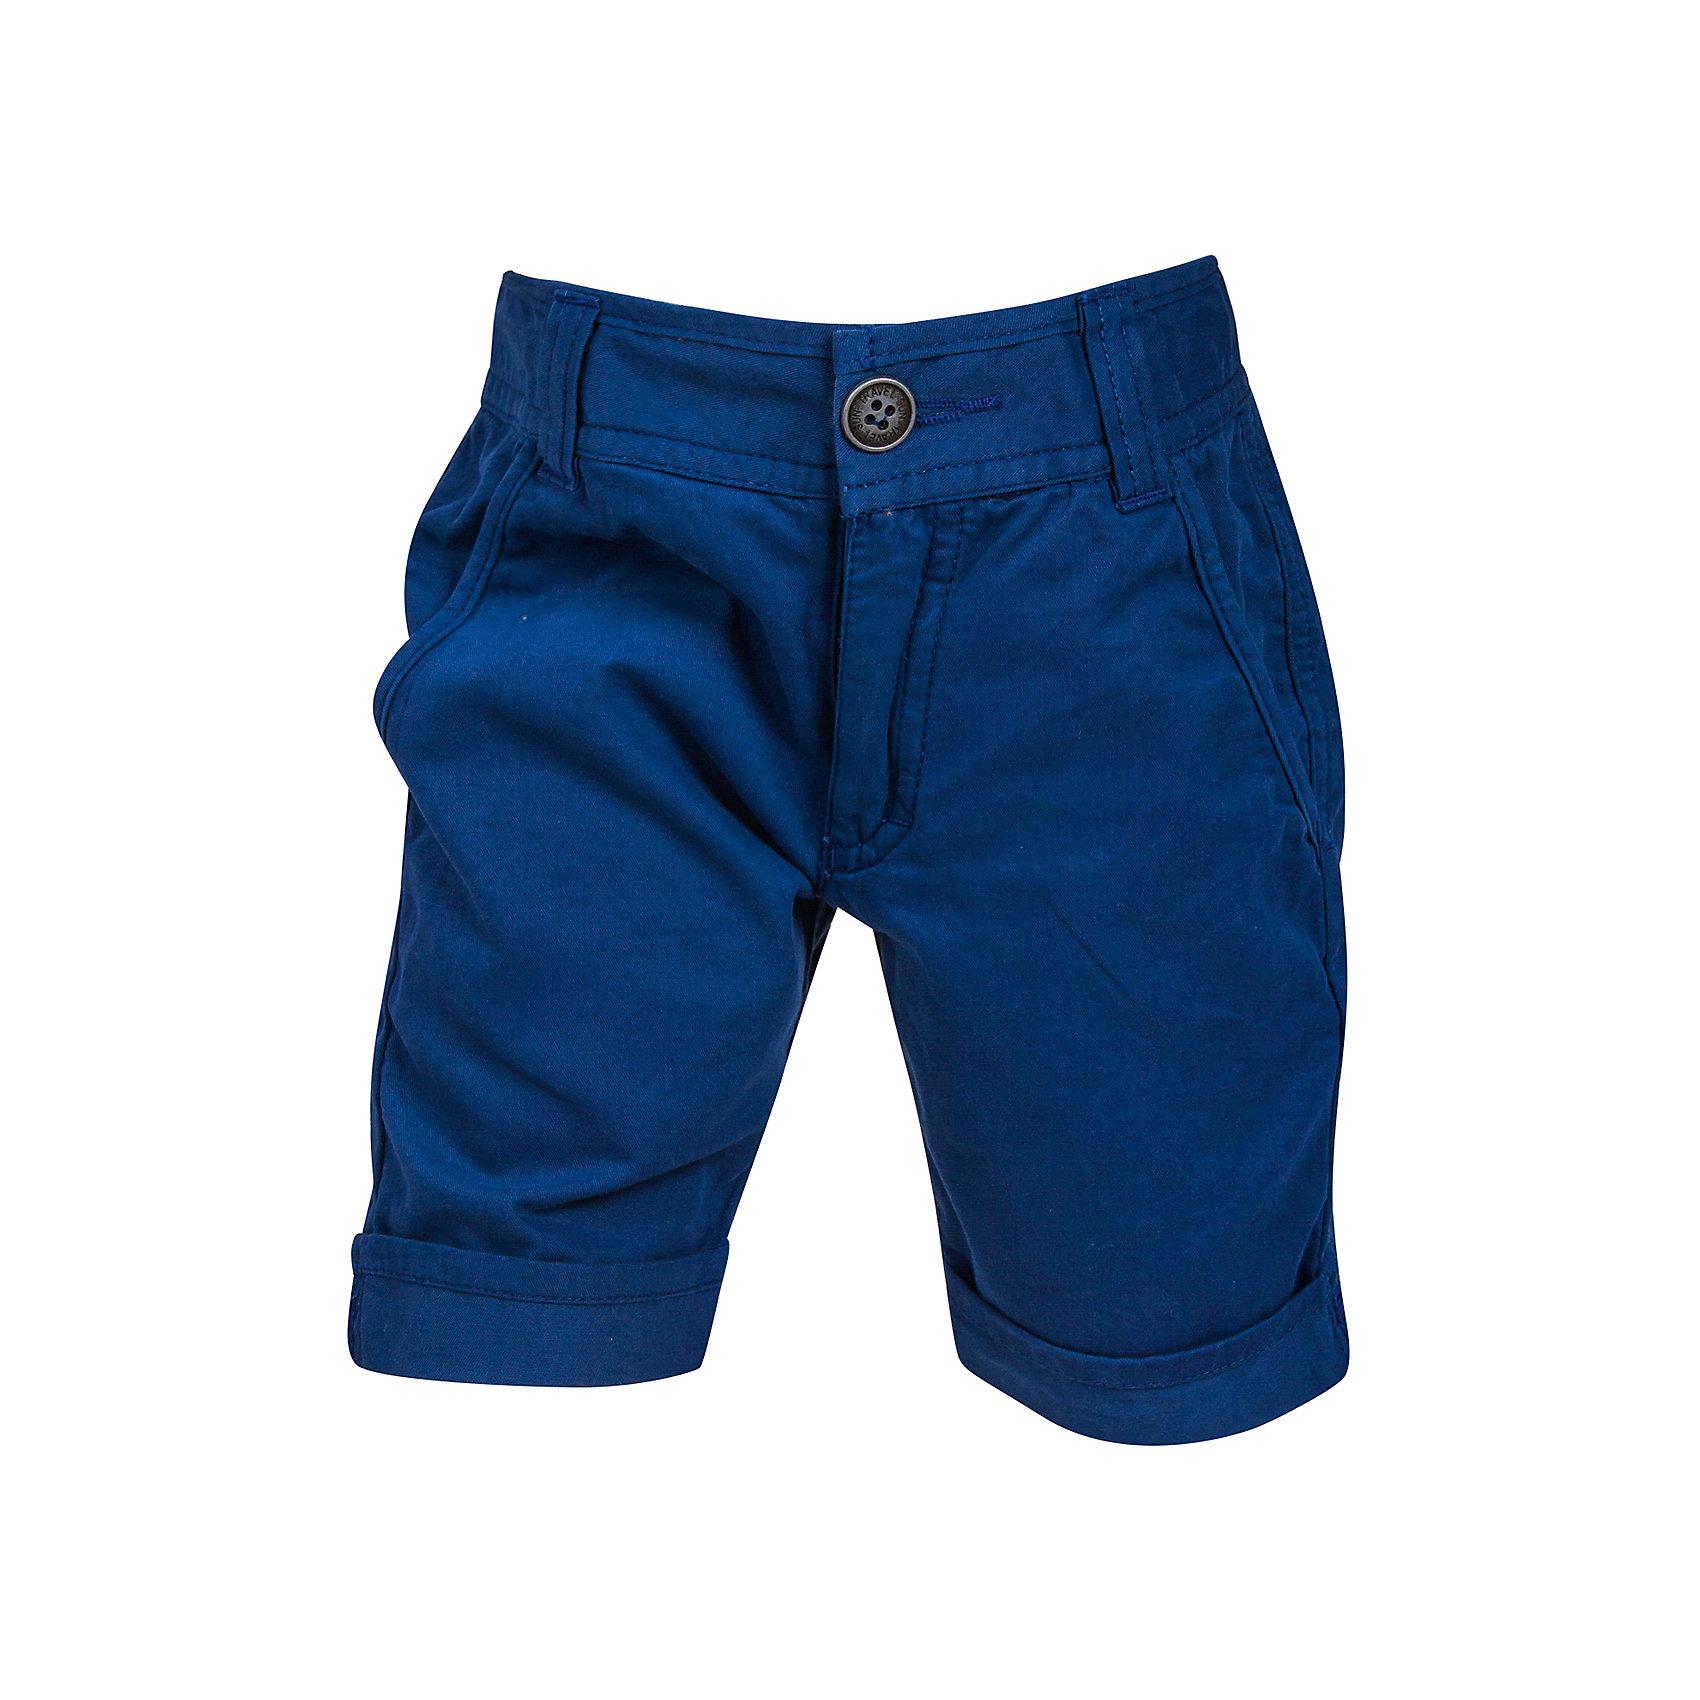 Шорты для мальчика Bell BimboШорты, бриджи, капри<br>Однотонные шорты дополнены  двумя боковыми карманами спереди, двумя карманами на пуговицах сзади, шлёвки для ремня, застежка - молния+пуговица, манжеты. Состав: Твил 100% хлопок<br><br>Ширина мм: 191<br>Глубина мм: 10<br>Высота мм: 175<br>Вес г: 273<br>Цвет: синий<br>Возраст от месяцев: 60<br>Возраст до месяцев: 72<br>Пол: Мужской<br>Возраст: Детский<br>Размер: 116,110,104,98,122<br>SKU: 4645468